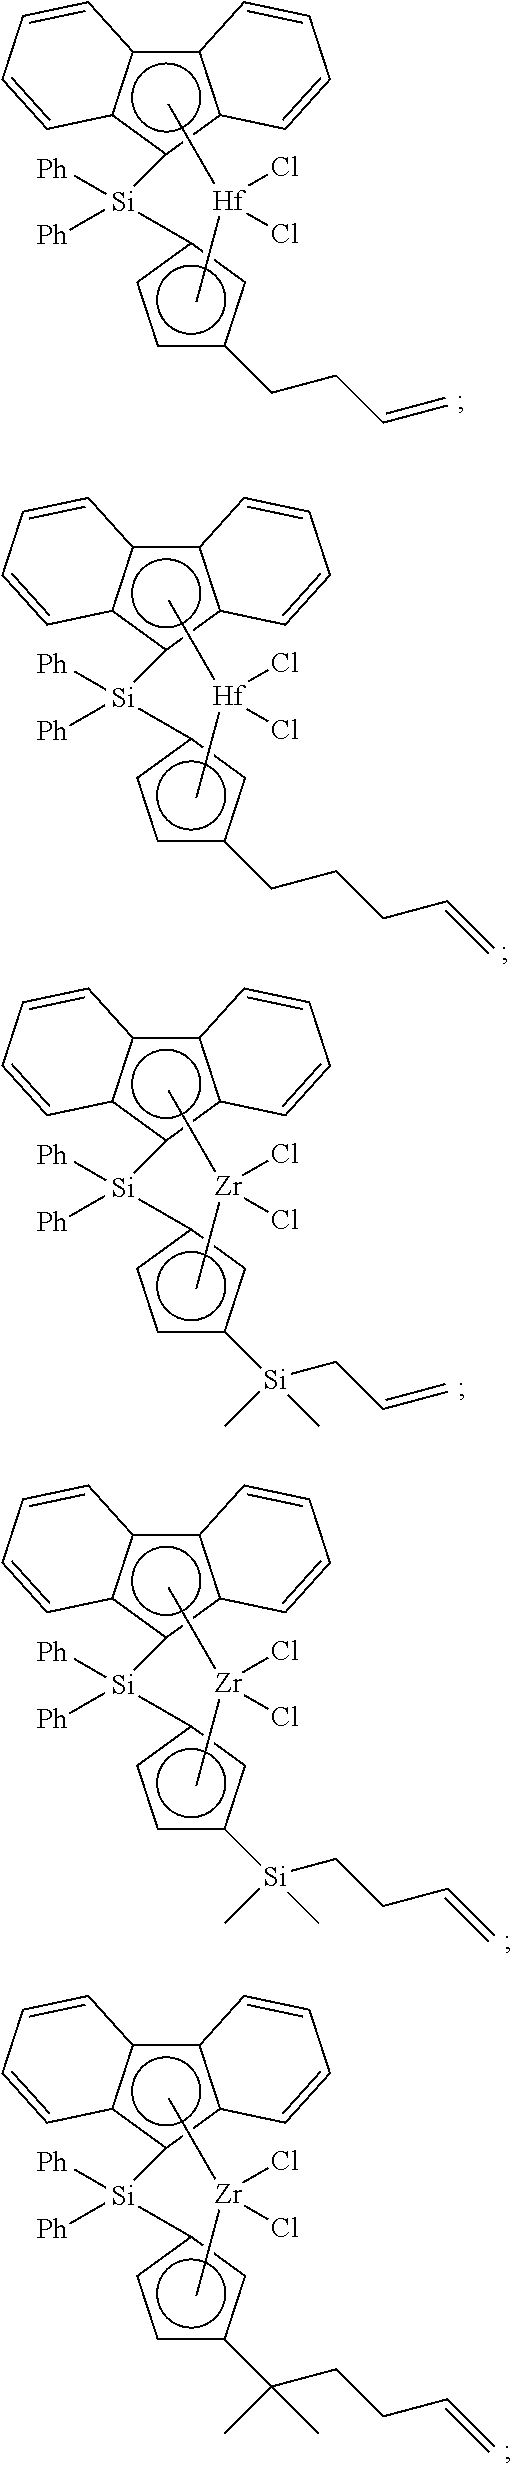 Figure US08609793-20131217-C00018